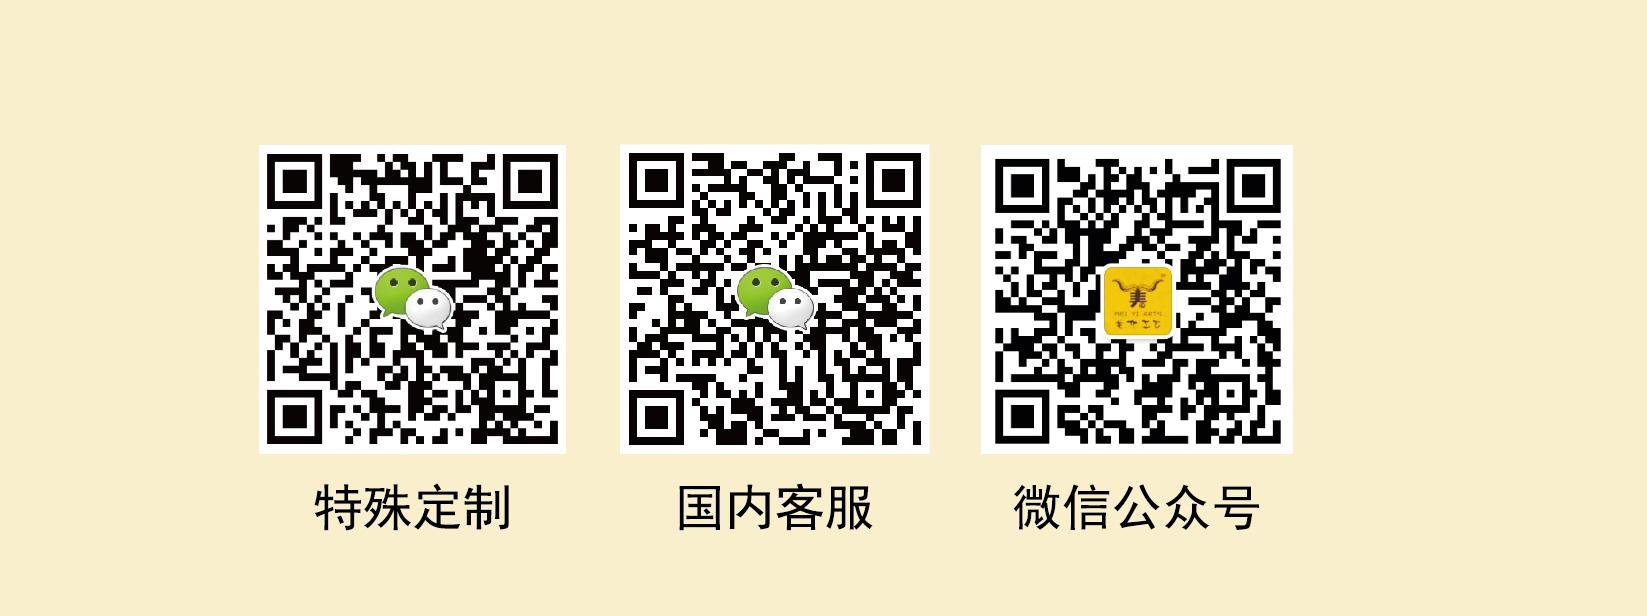 bf08dac8abf747b6b00c8db9abd6739f_37.jpg